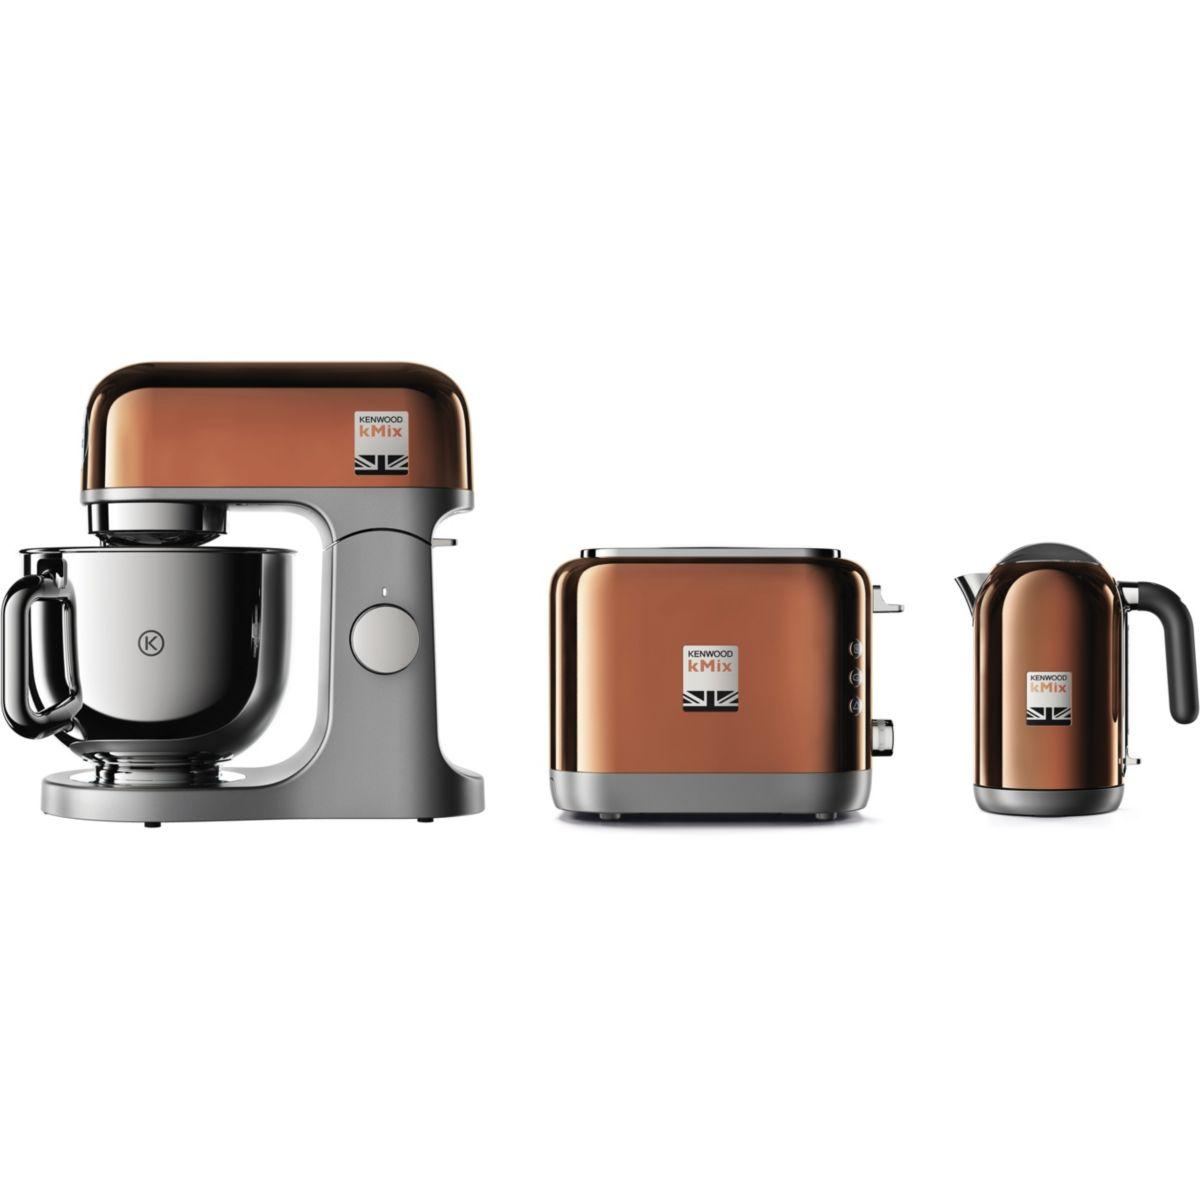 Pack kenwood robot, bouilloire, toaster - 20% de remise imm�diate avec le code : paques20 (photo)